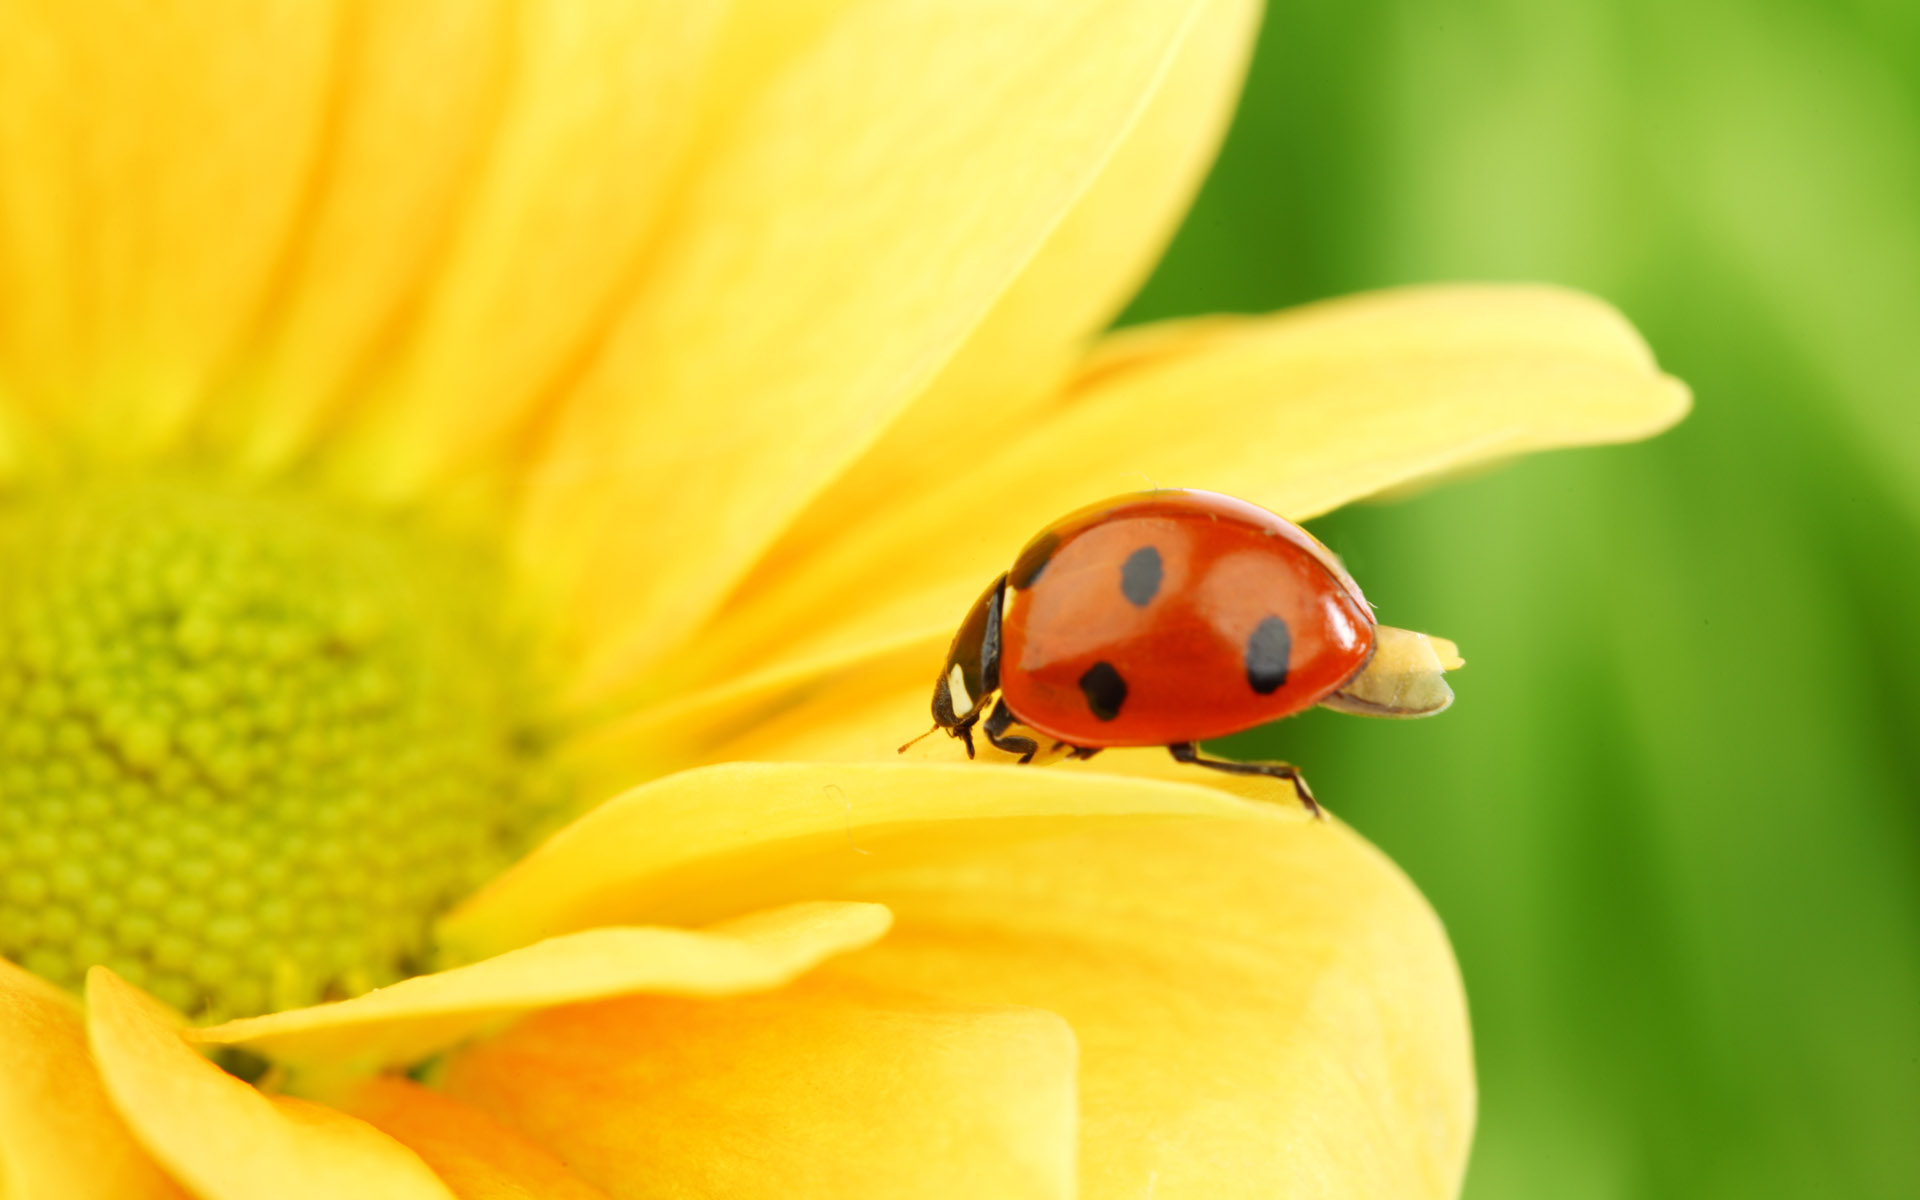 природа насекомое божья коровка цветок  № 3008055 бесплатно